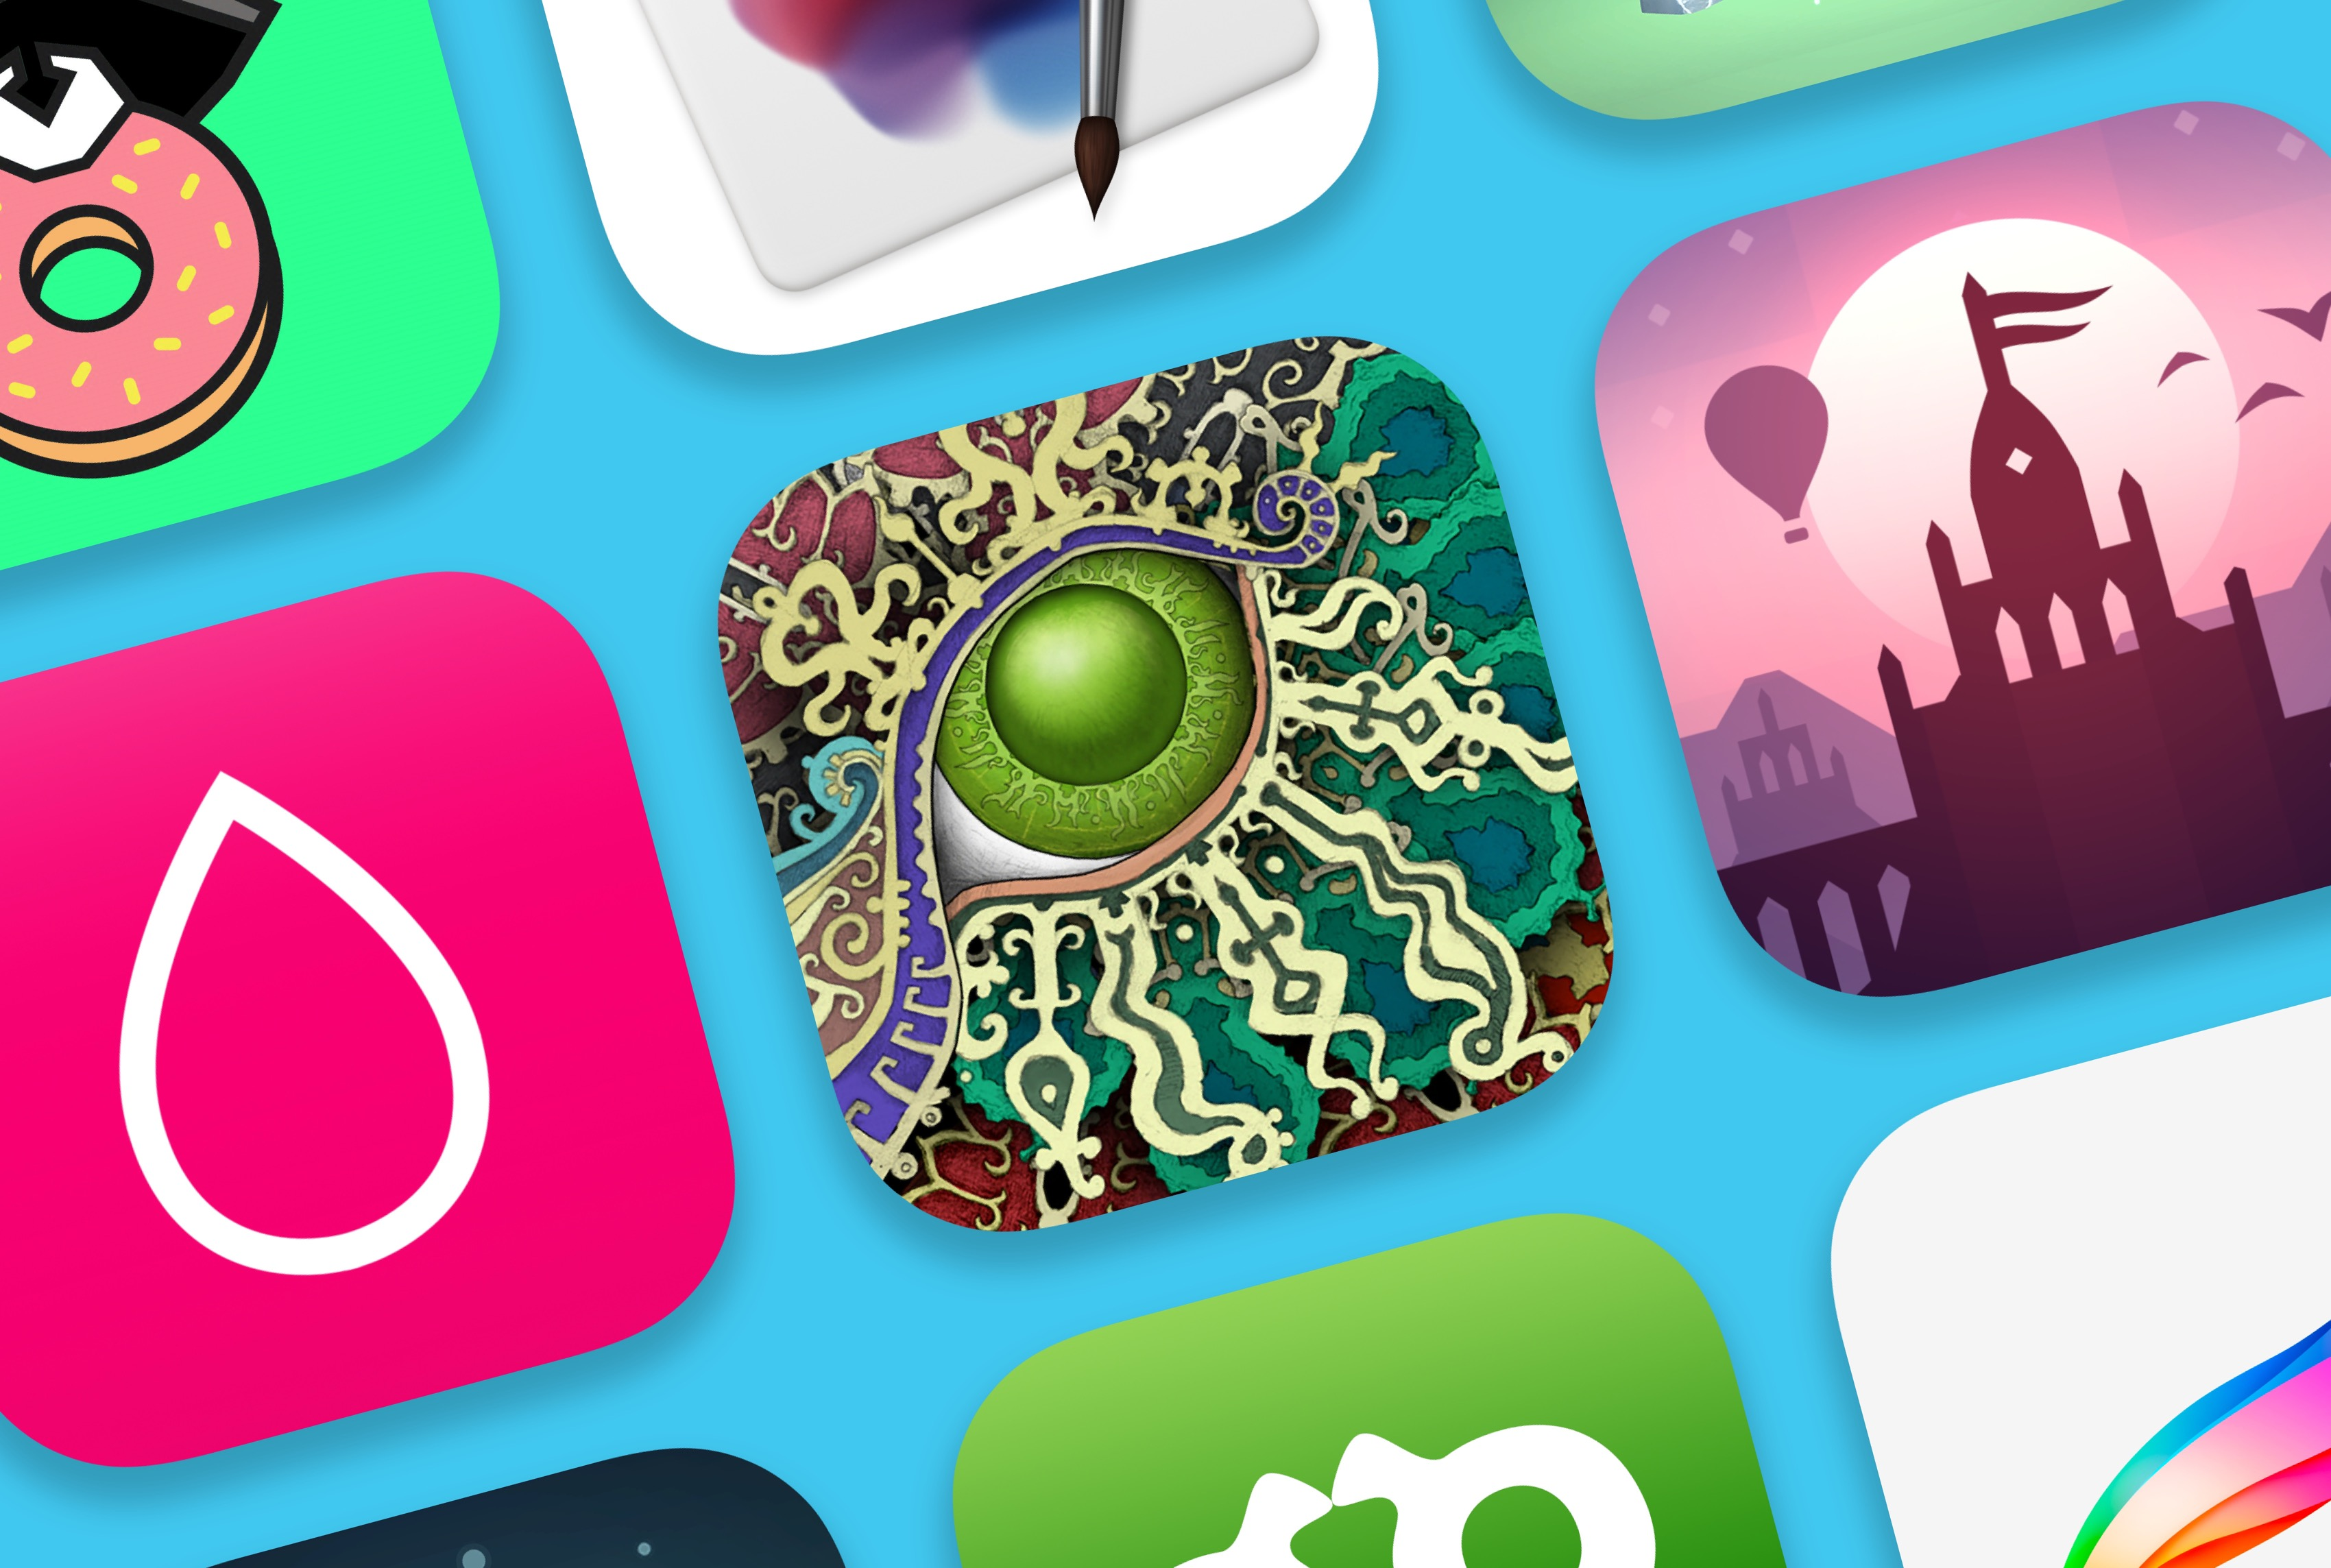 Os melhores apps de 2018 segundo a Apple